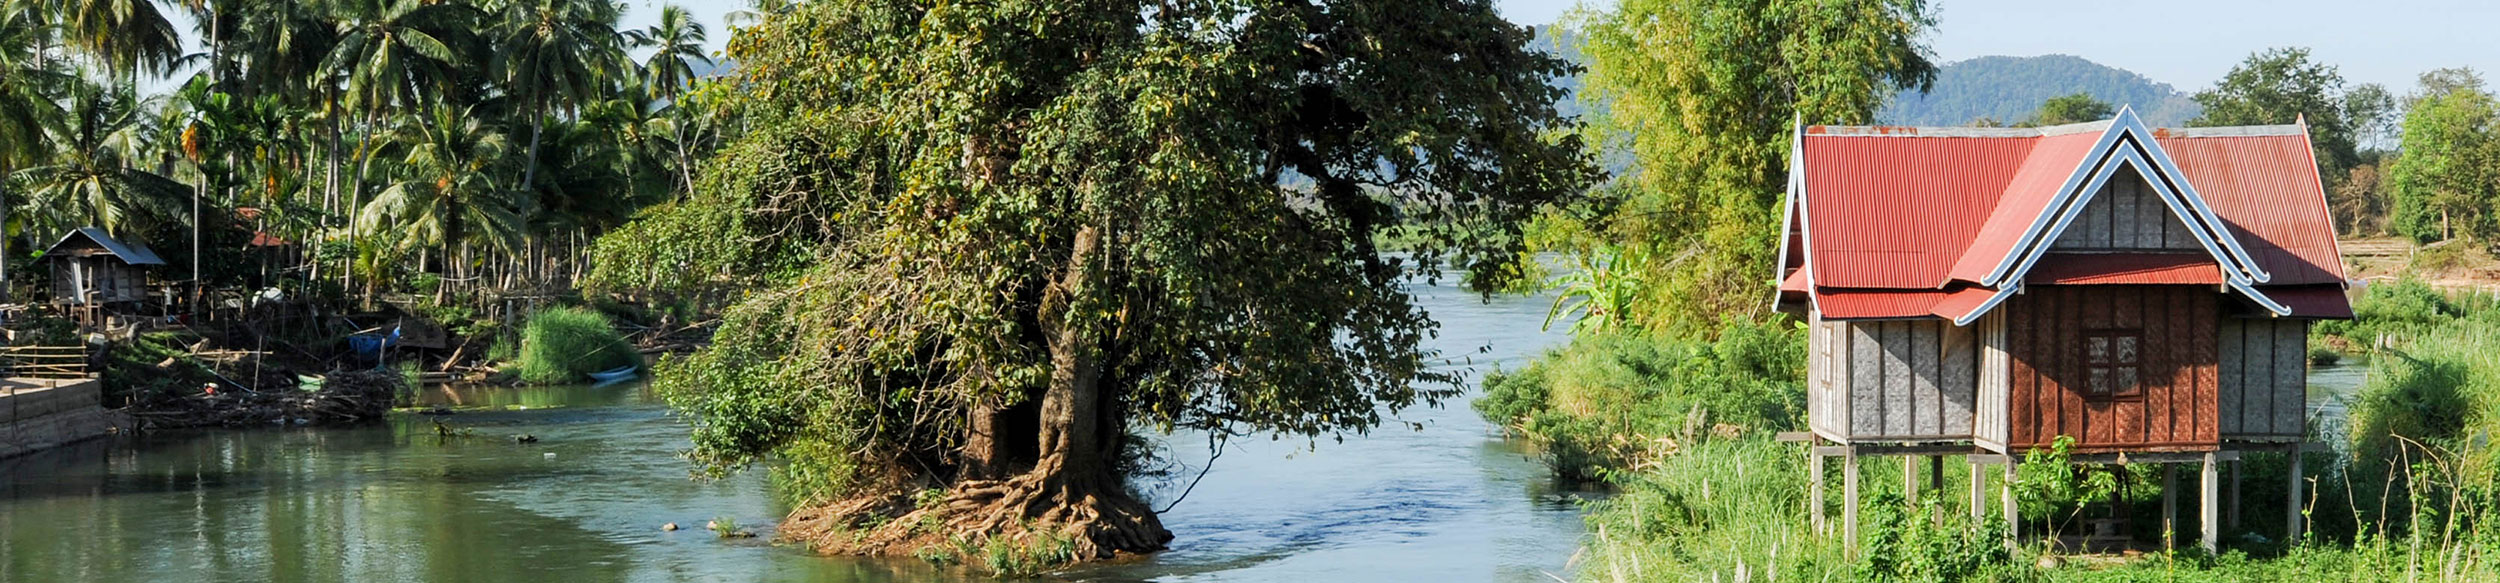 Découvrir les 4000 îles avec Carnets d'Asie